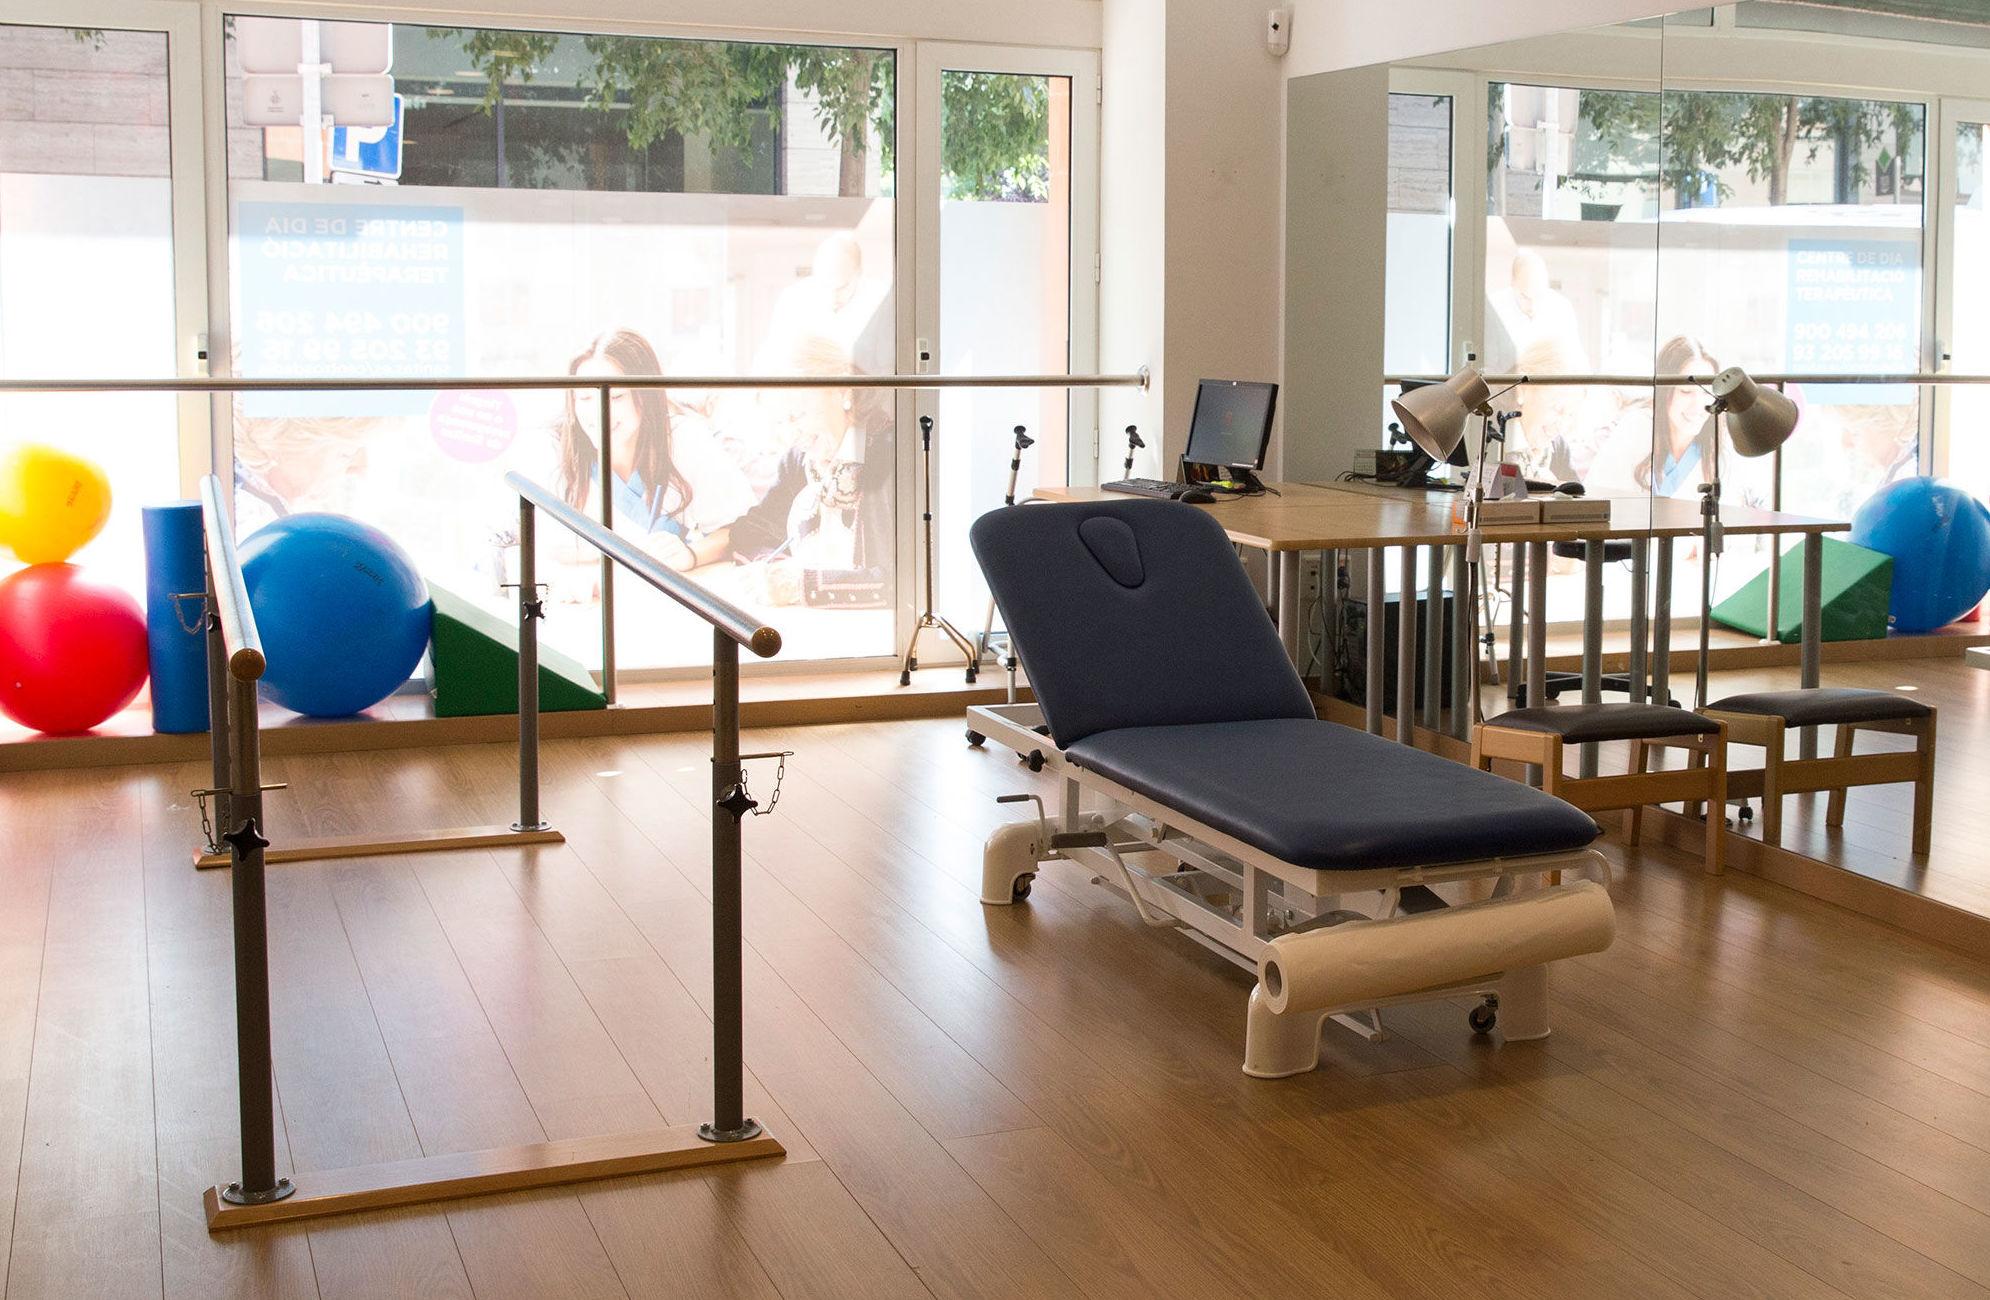 Sala de terapias del Centro de día Sarrià